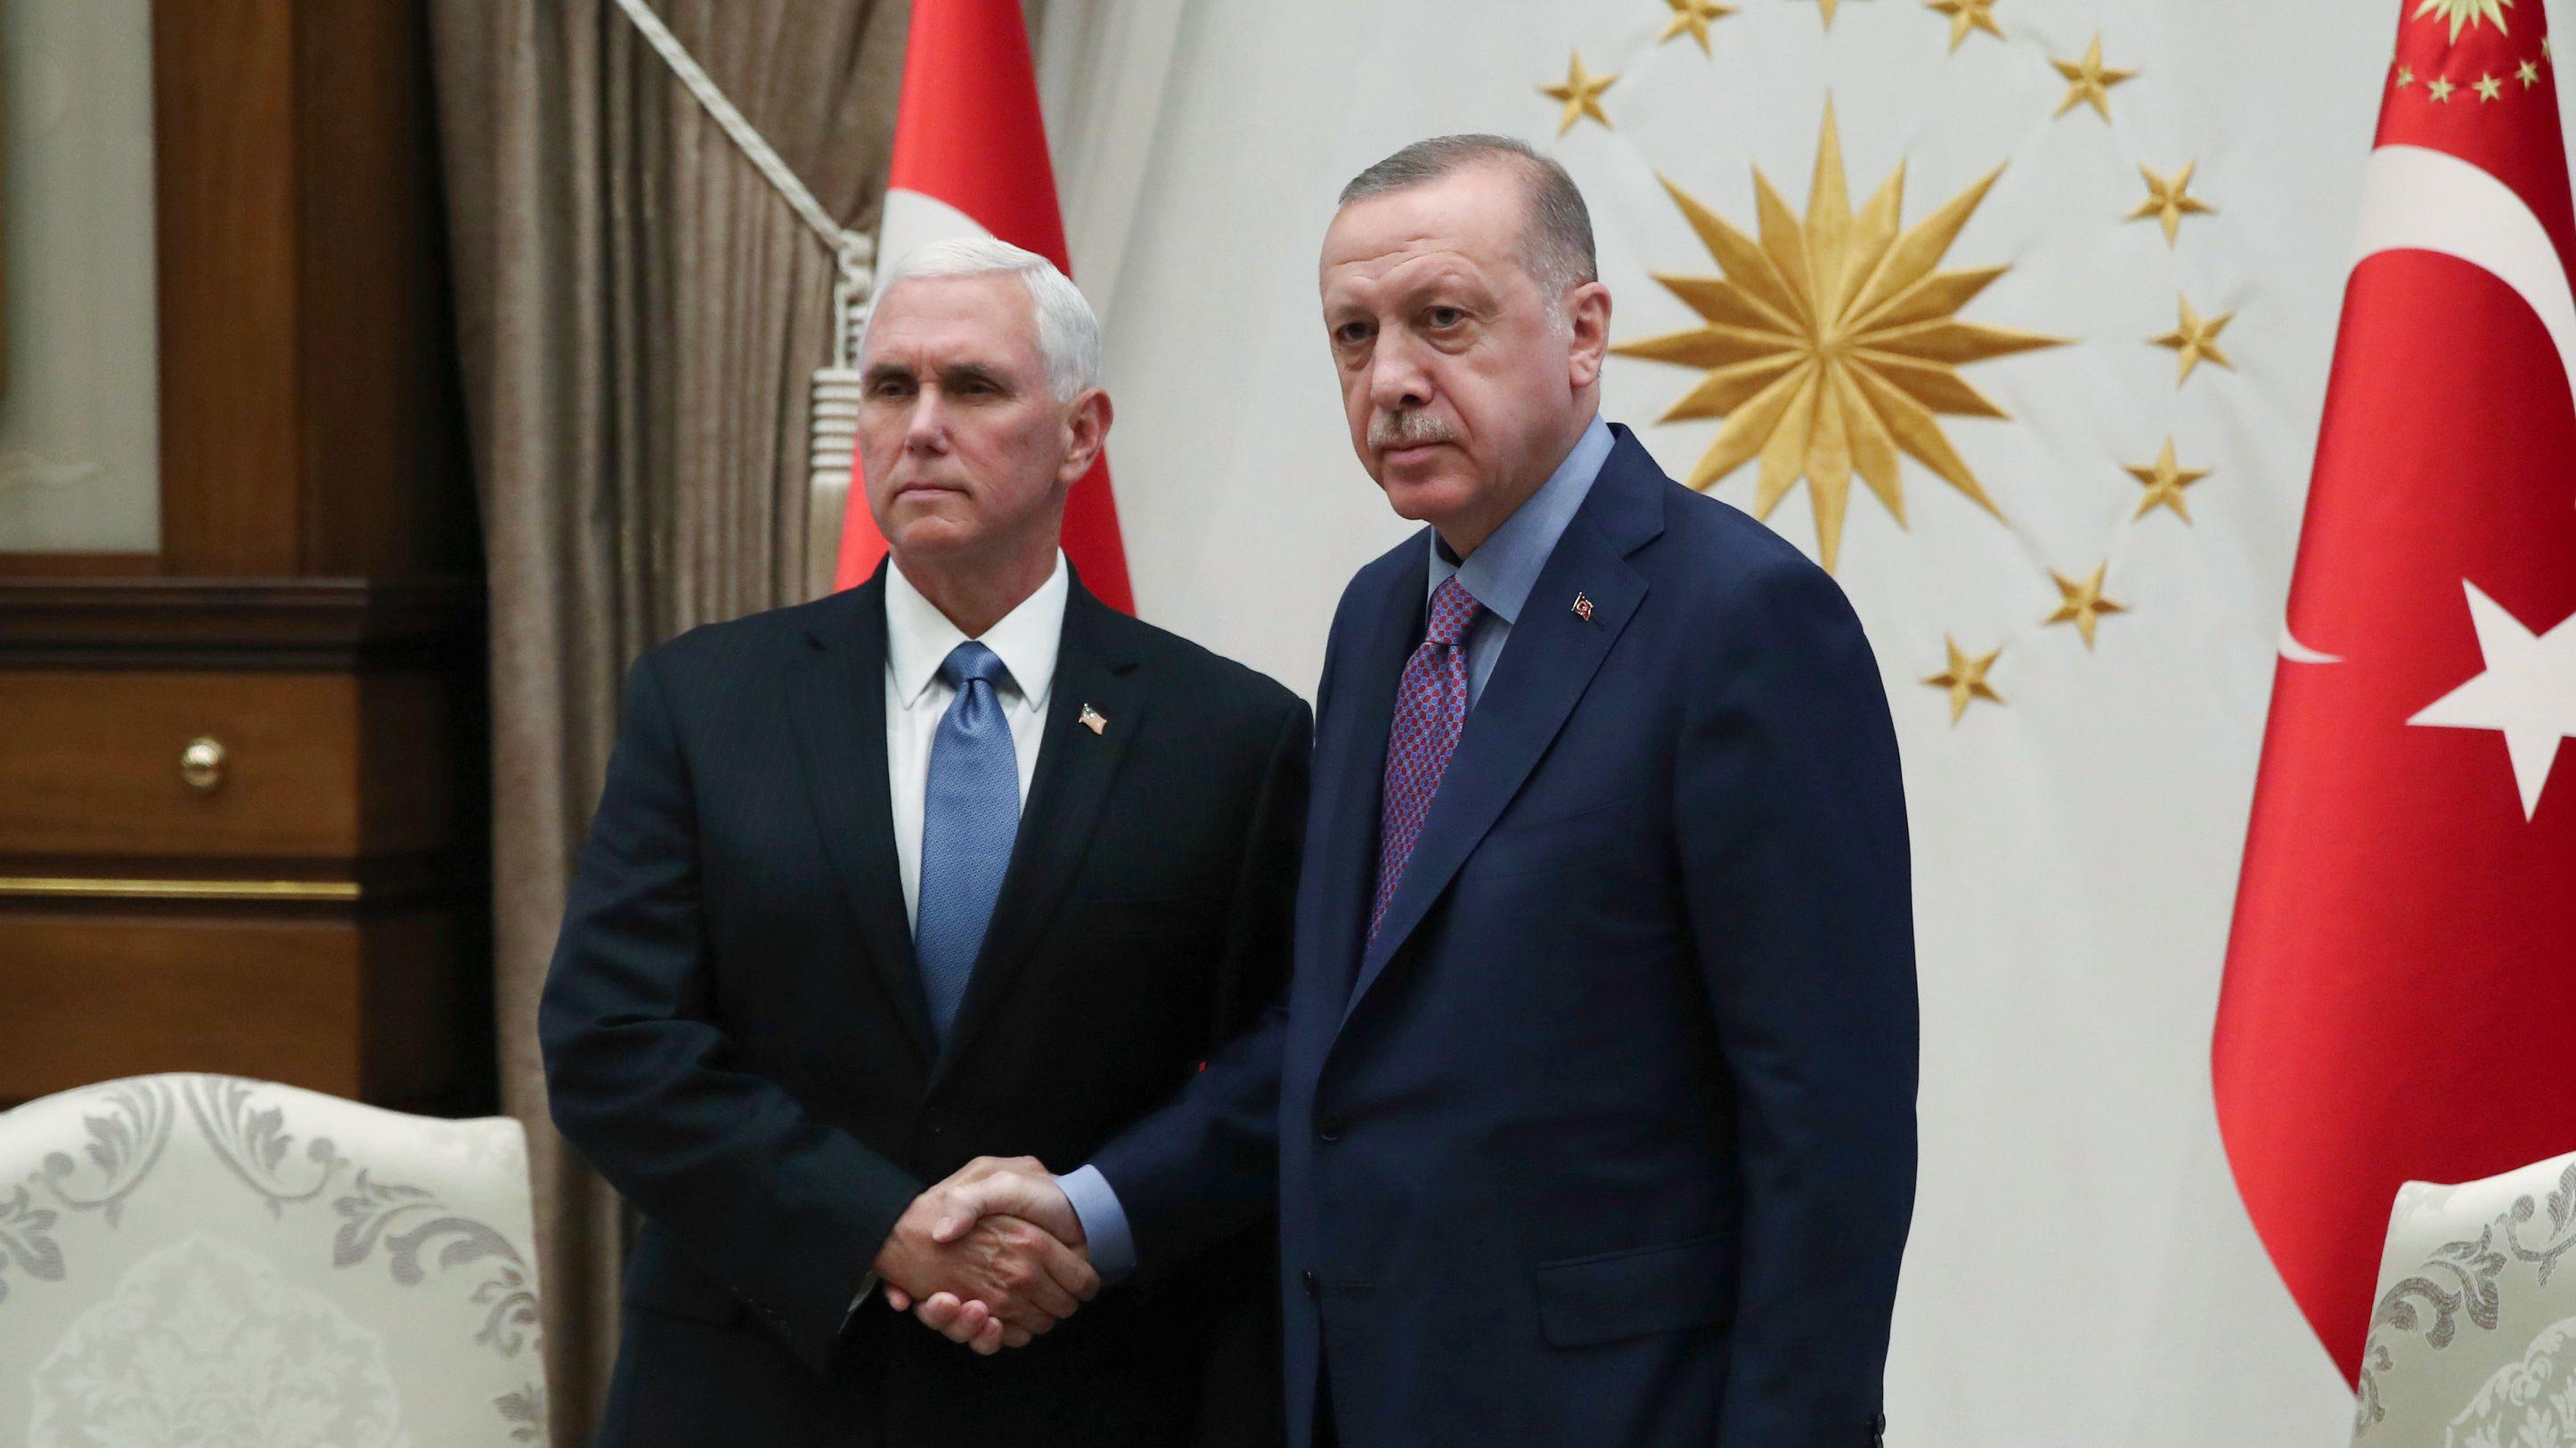 Mike Pence (l), Vizepräsident der USA, und Recep Tayyip Erdogan, Präsident der Türkei, geben sich im Präsidentenpalast die Hand.